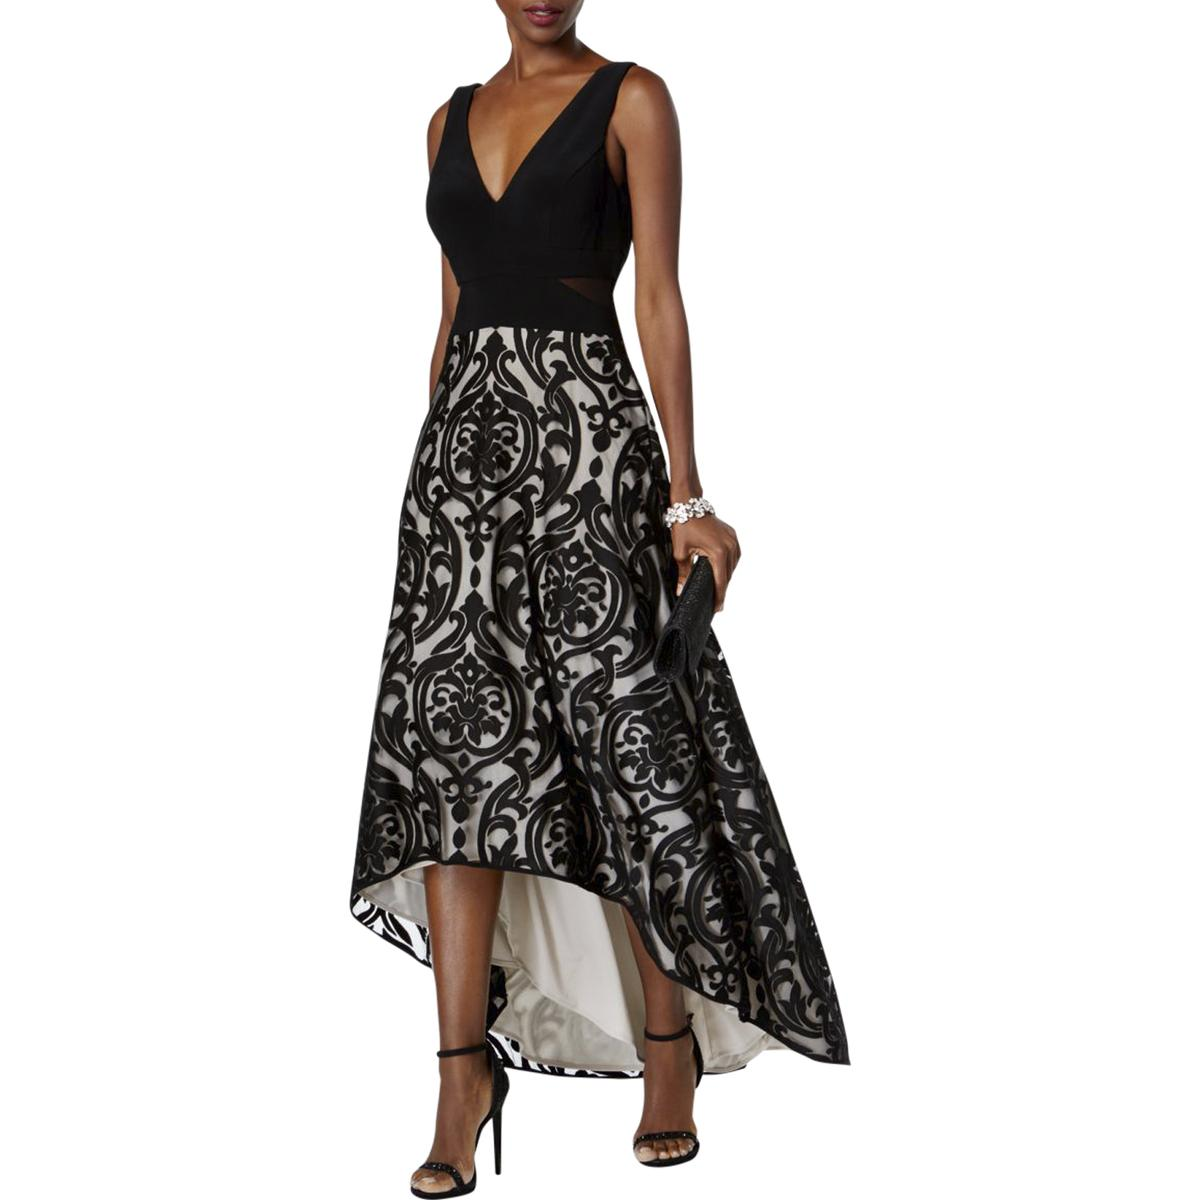 7630c947 Details about Xscape Womens Black Floral Print Hi-Low Formal Evening Dress  Gown 14 BHFO 3805